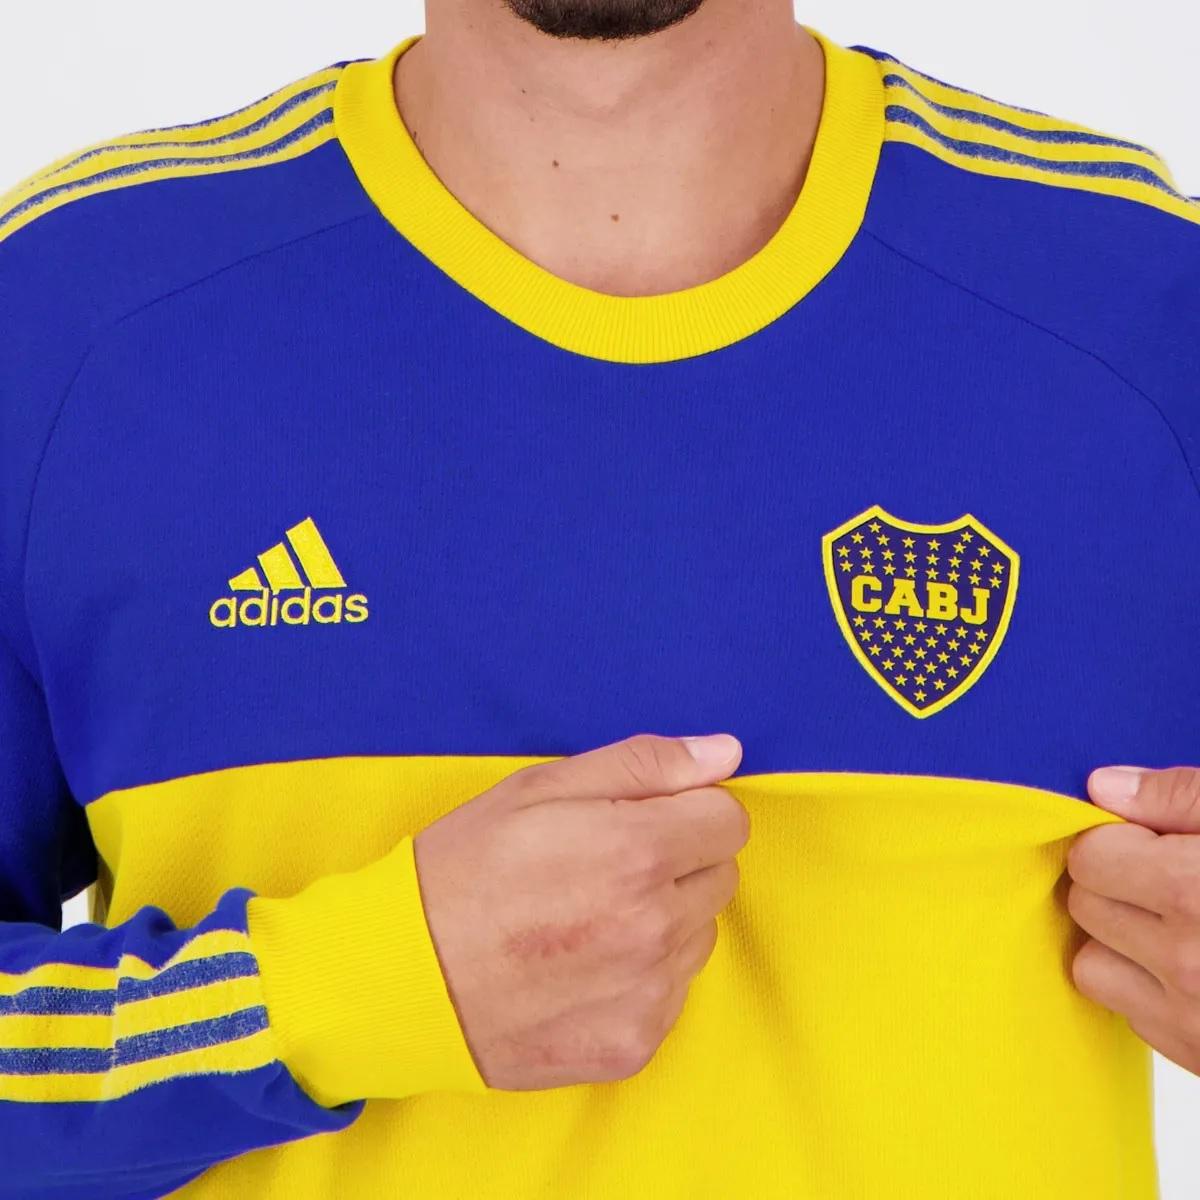 Camisa Icon do Boca Juniors 2021 Adidas